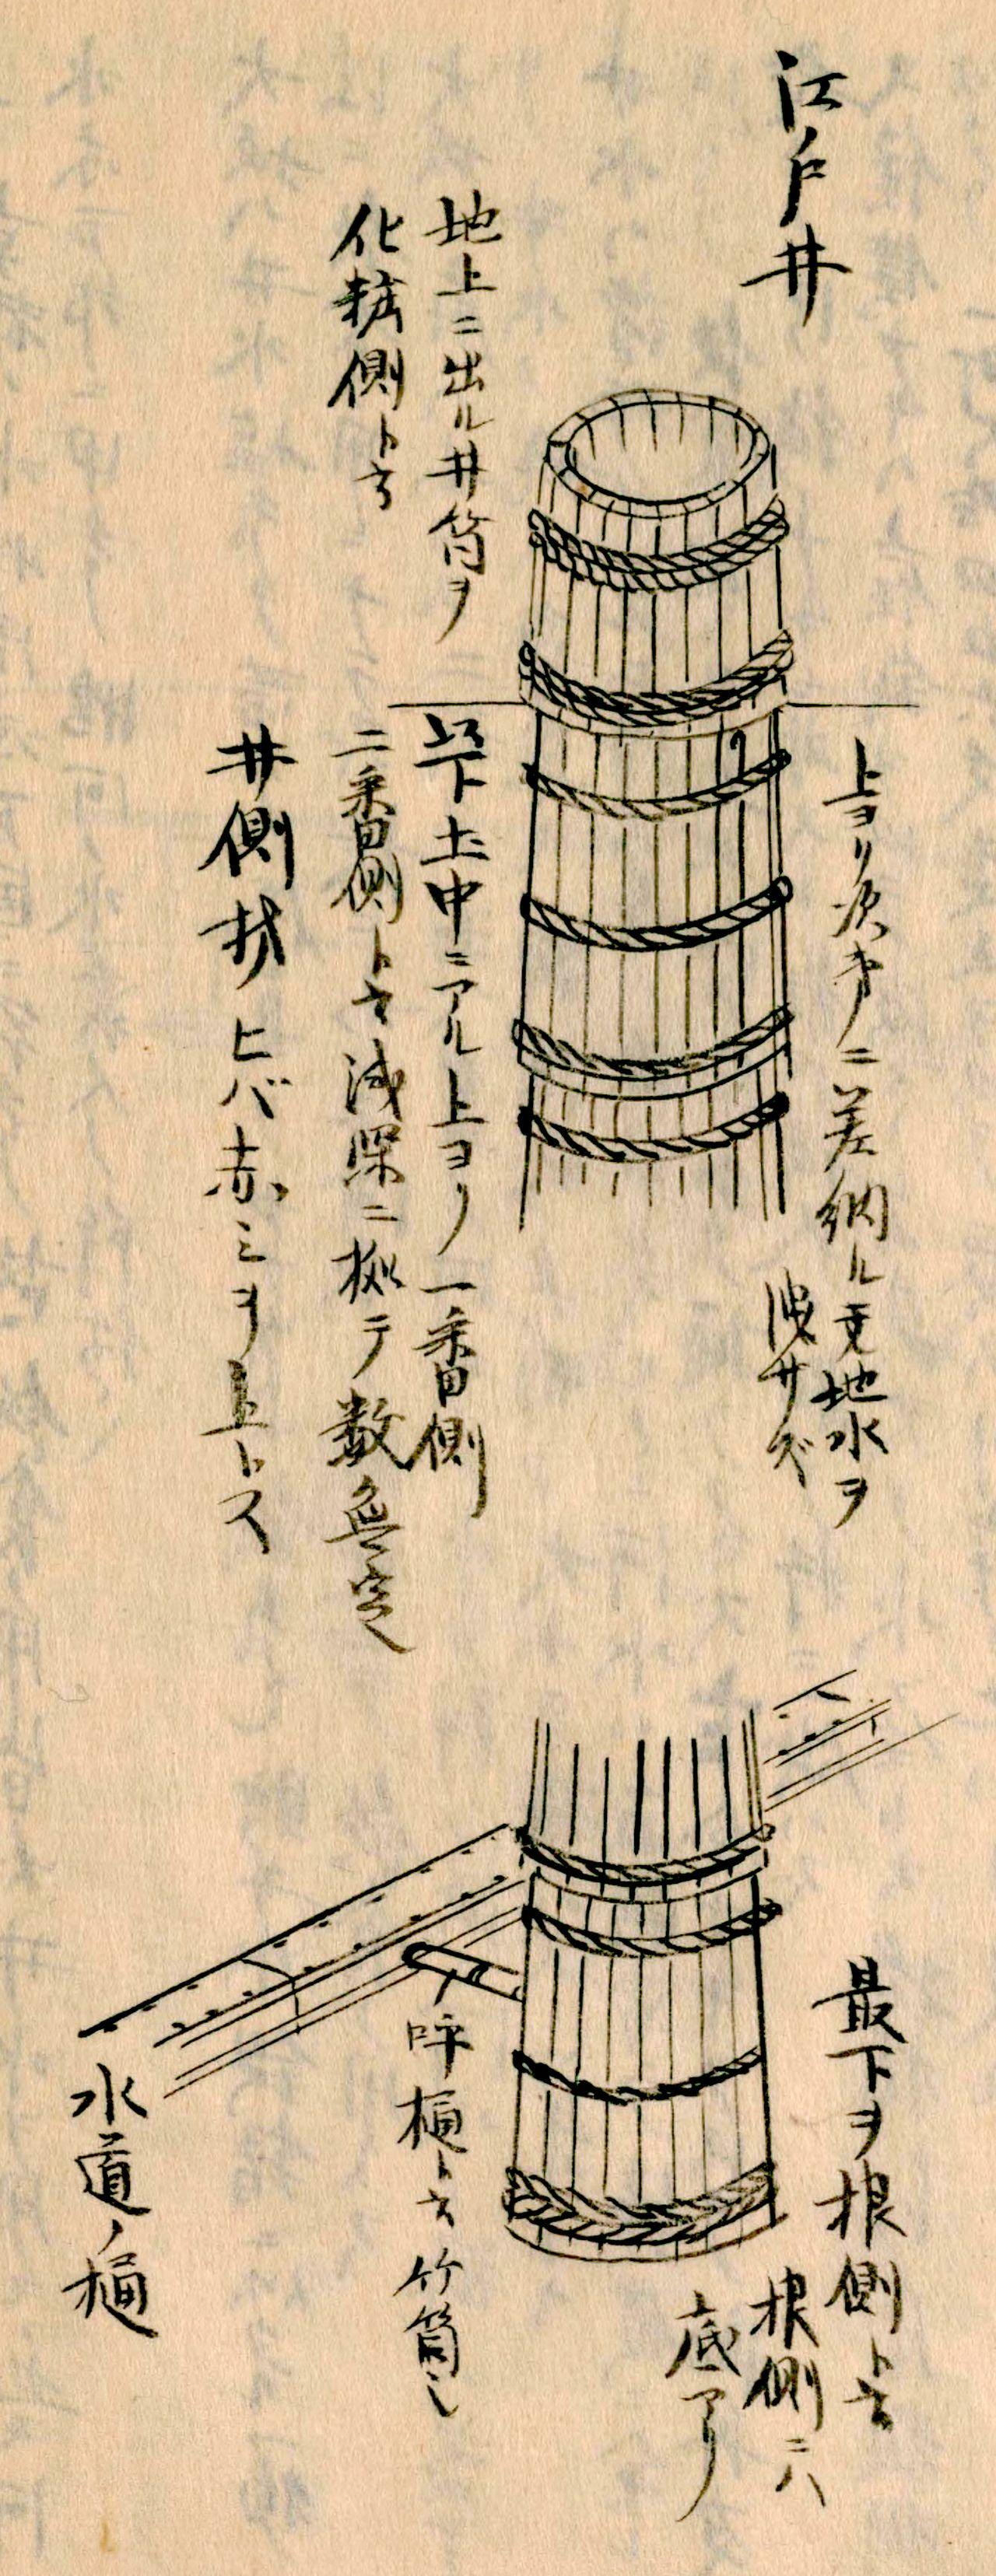 『守貞漫稿』国立国会図書館所蔵